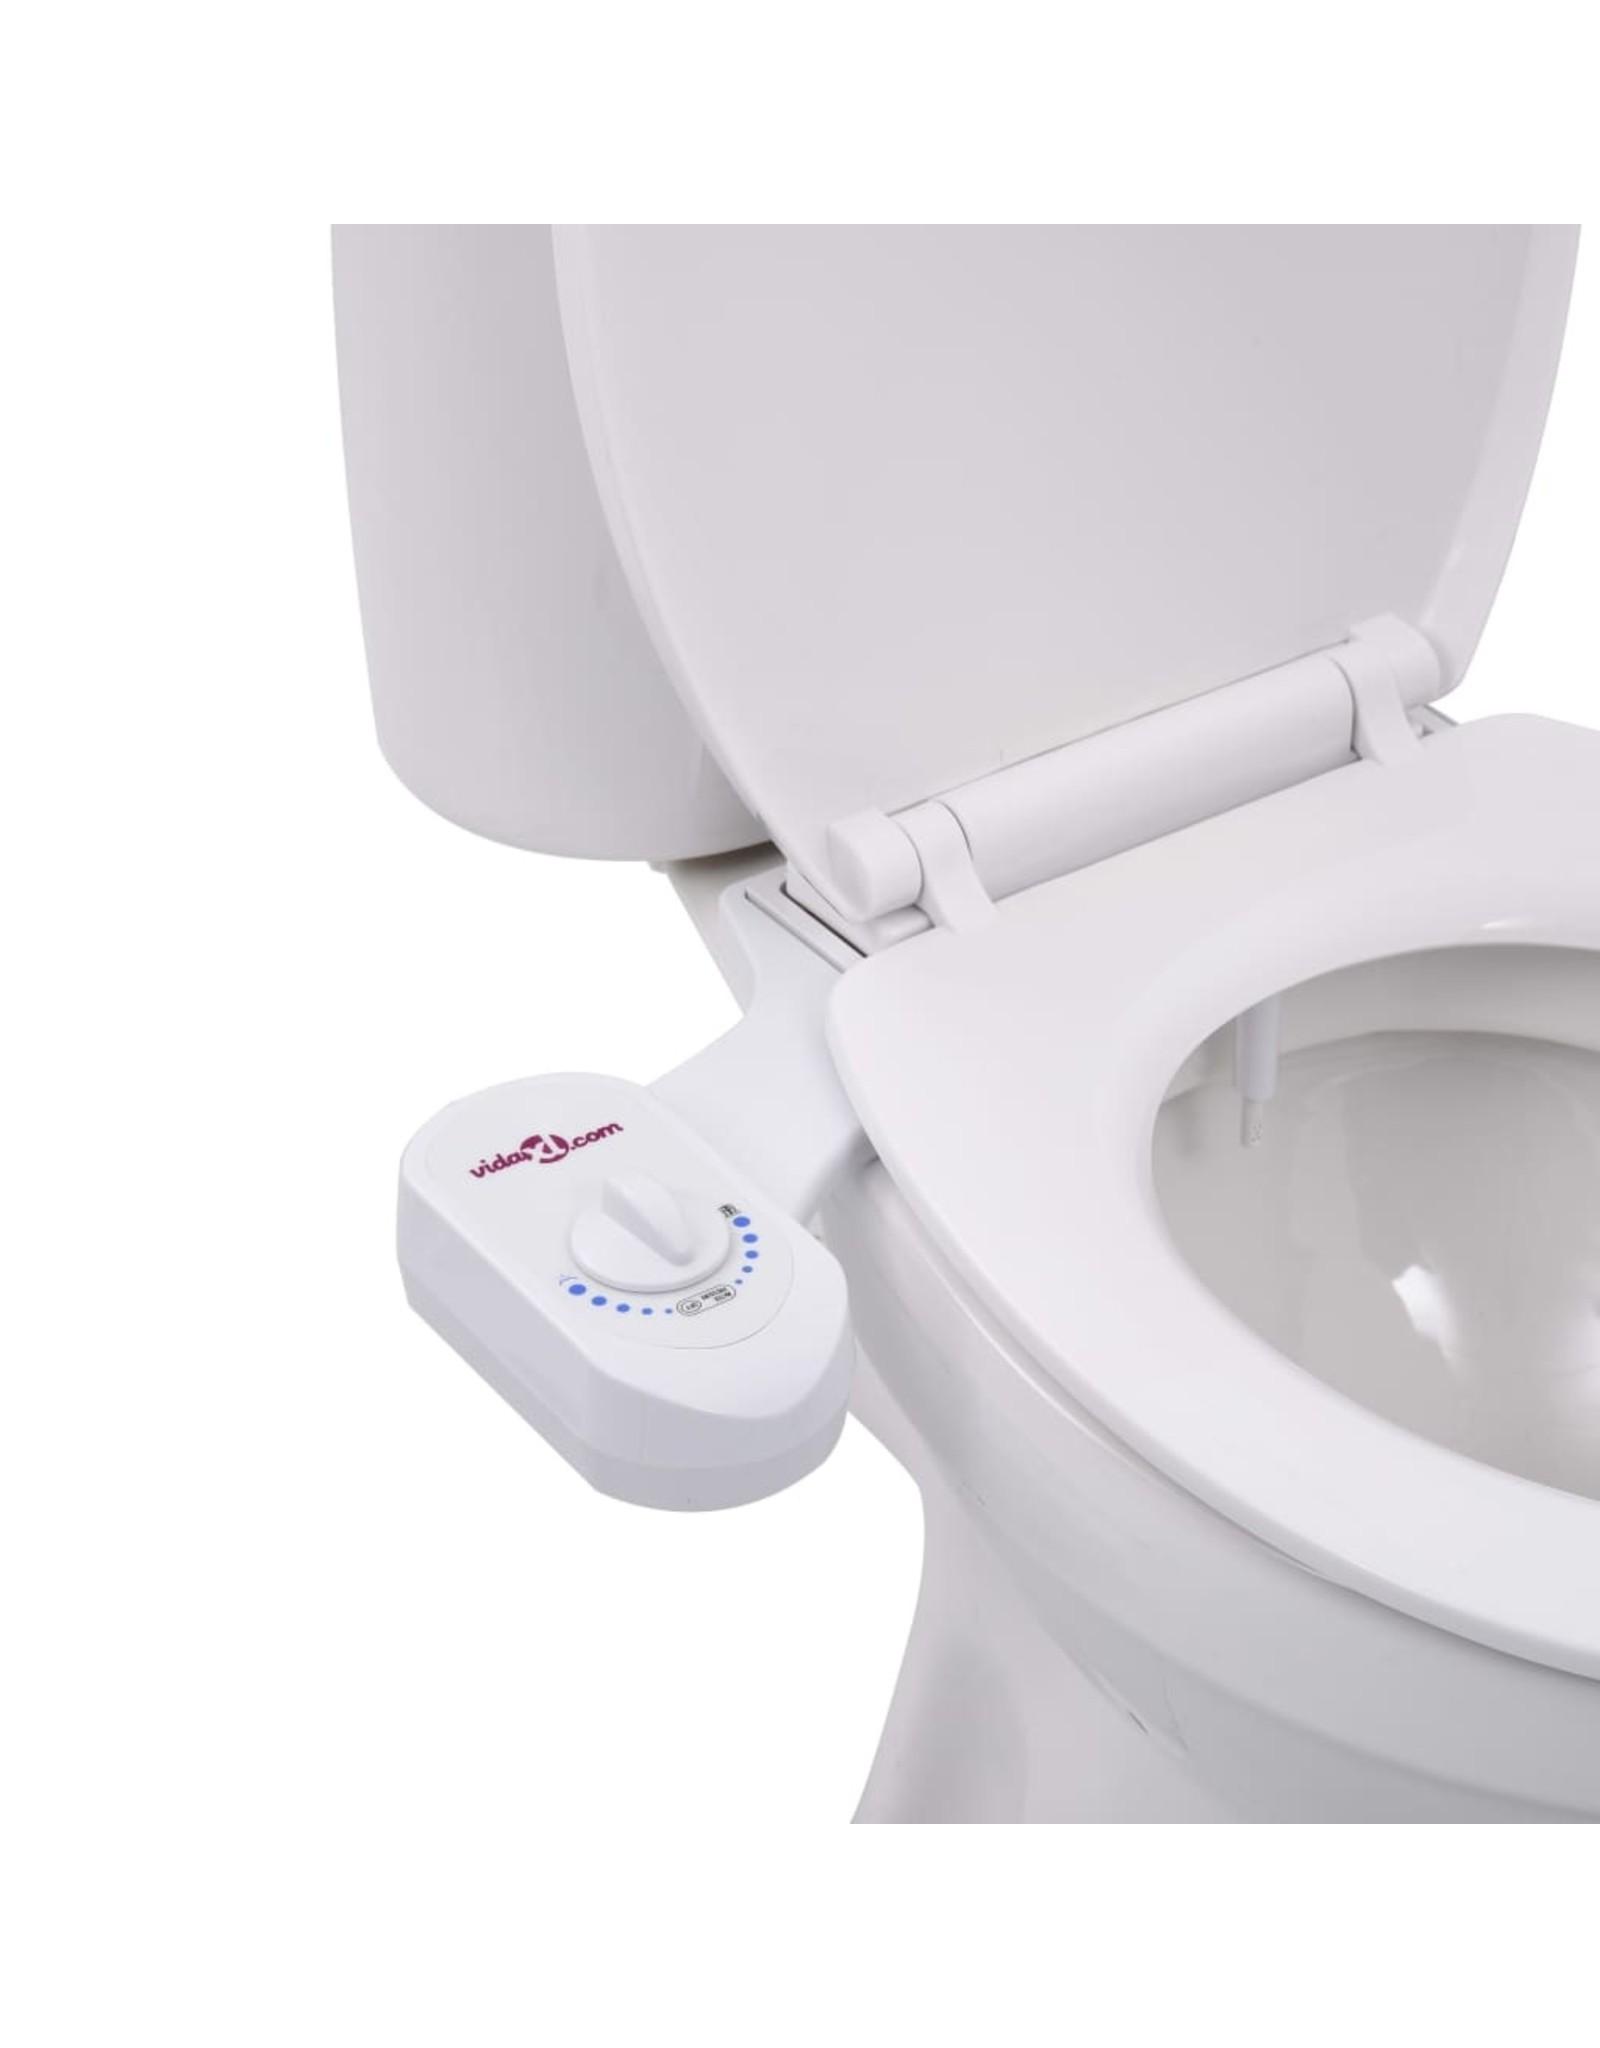 Bidetaansluiting voor toiletbril enkel mondstuk